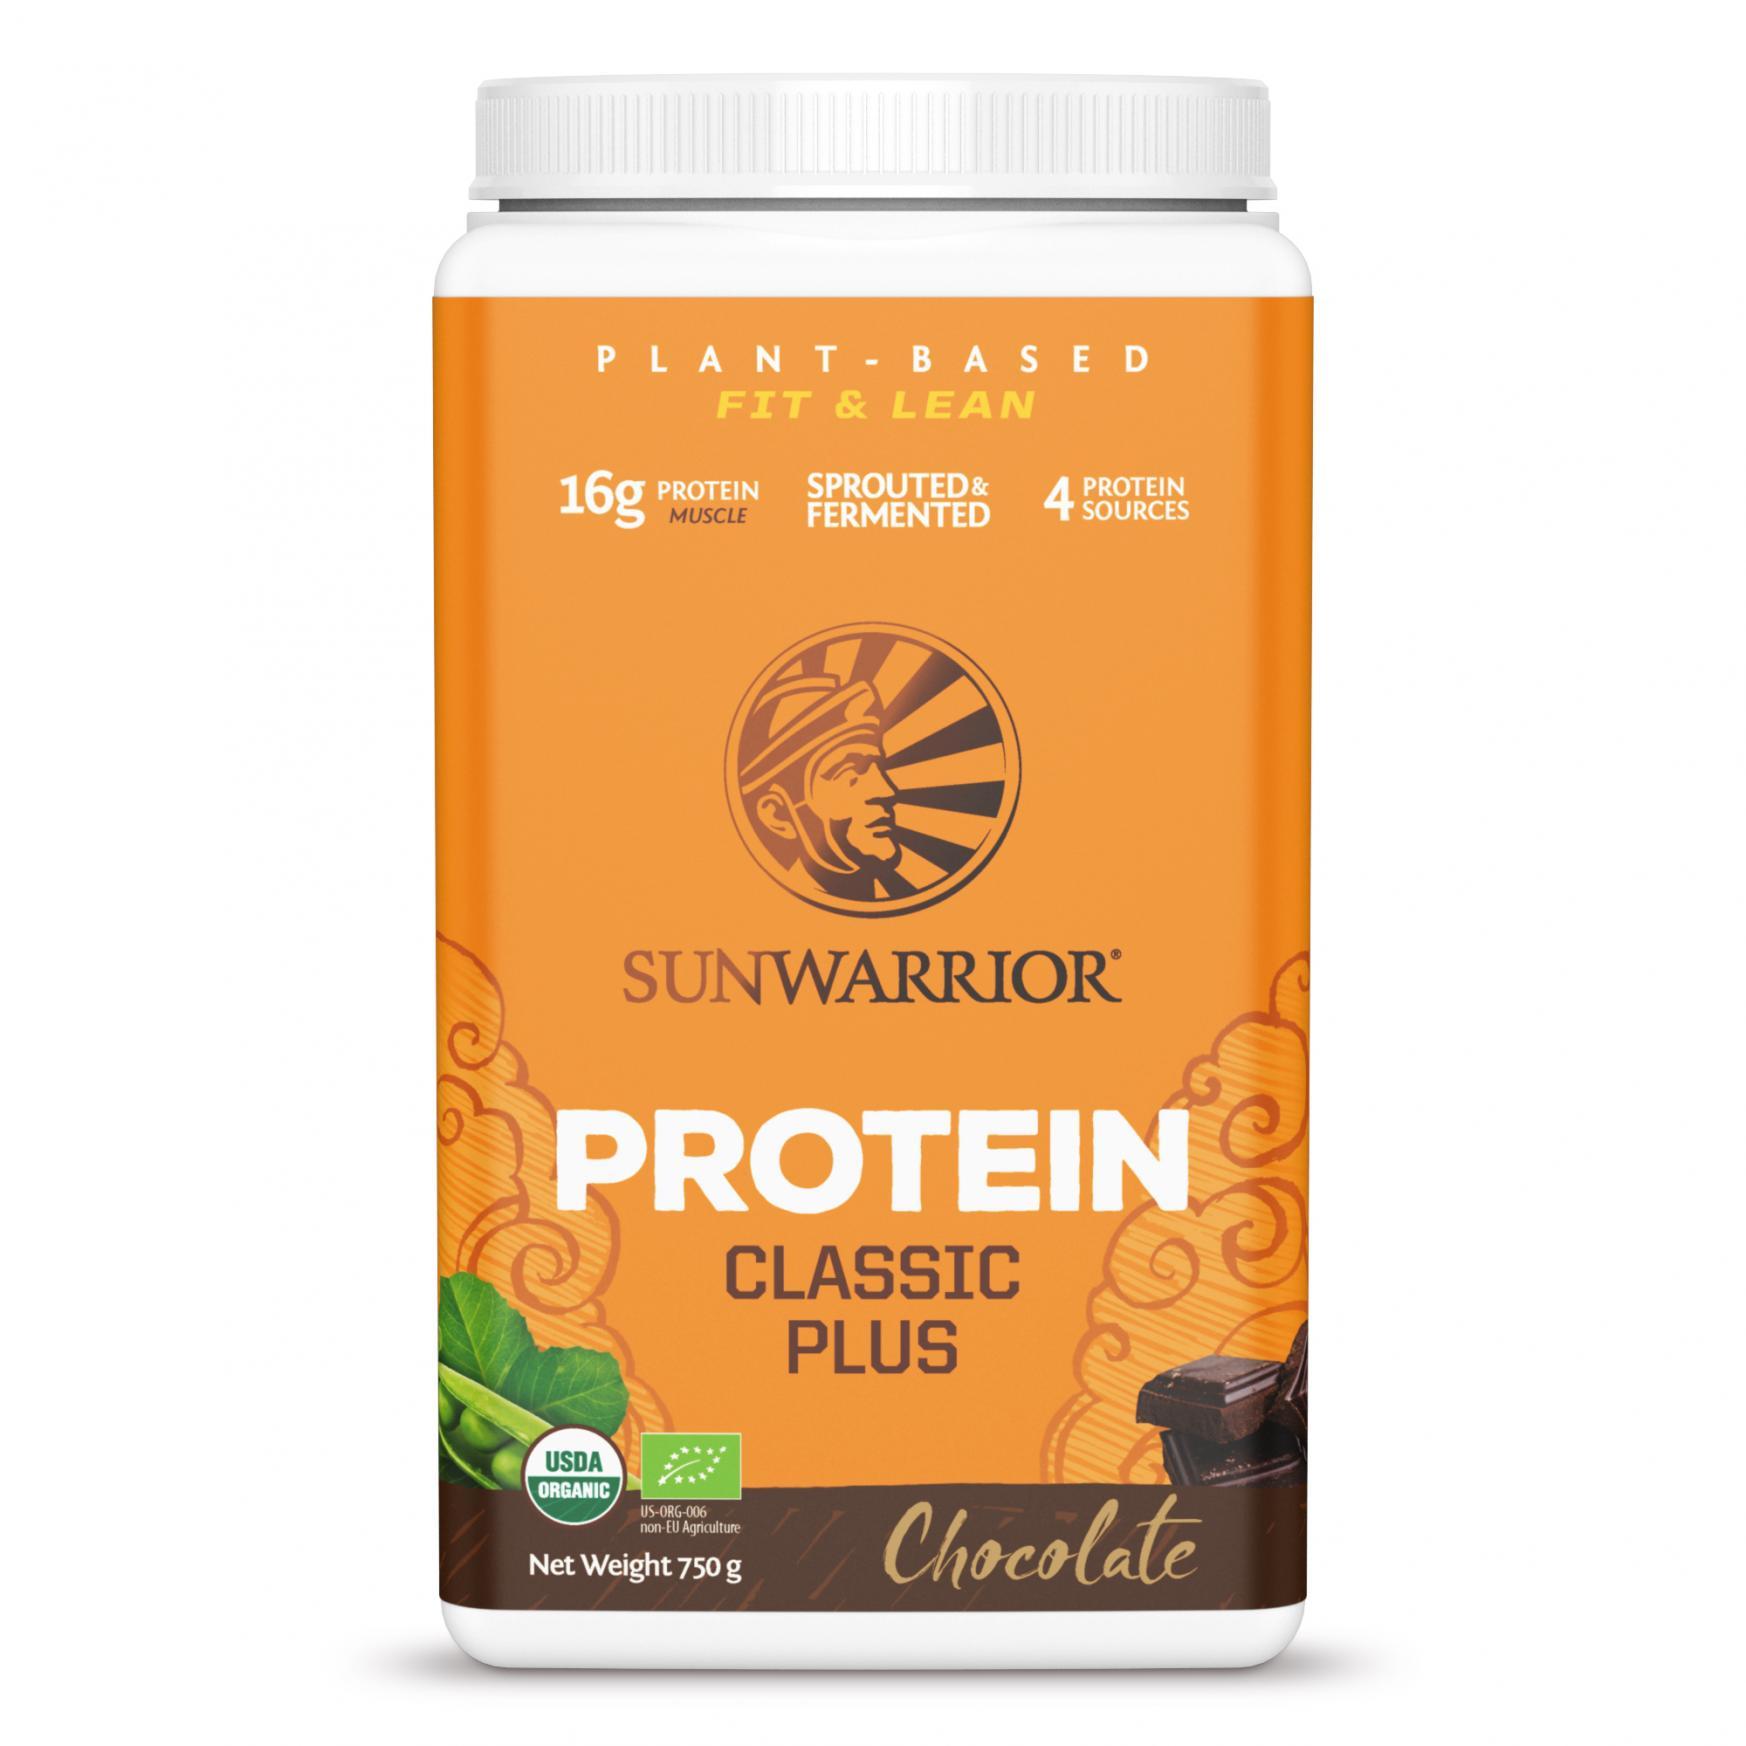 Protein Classic Plus Chocolate 750g (Orange Tub)